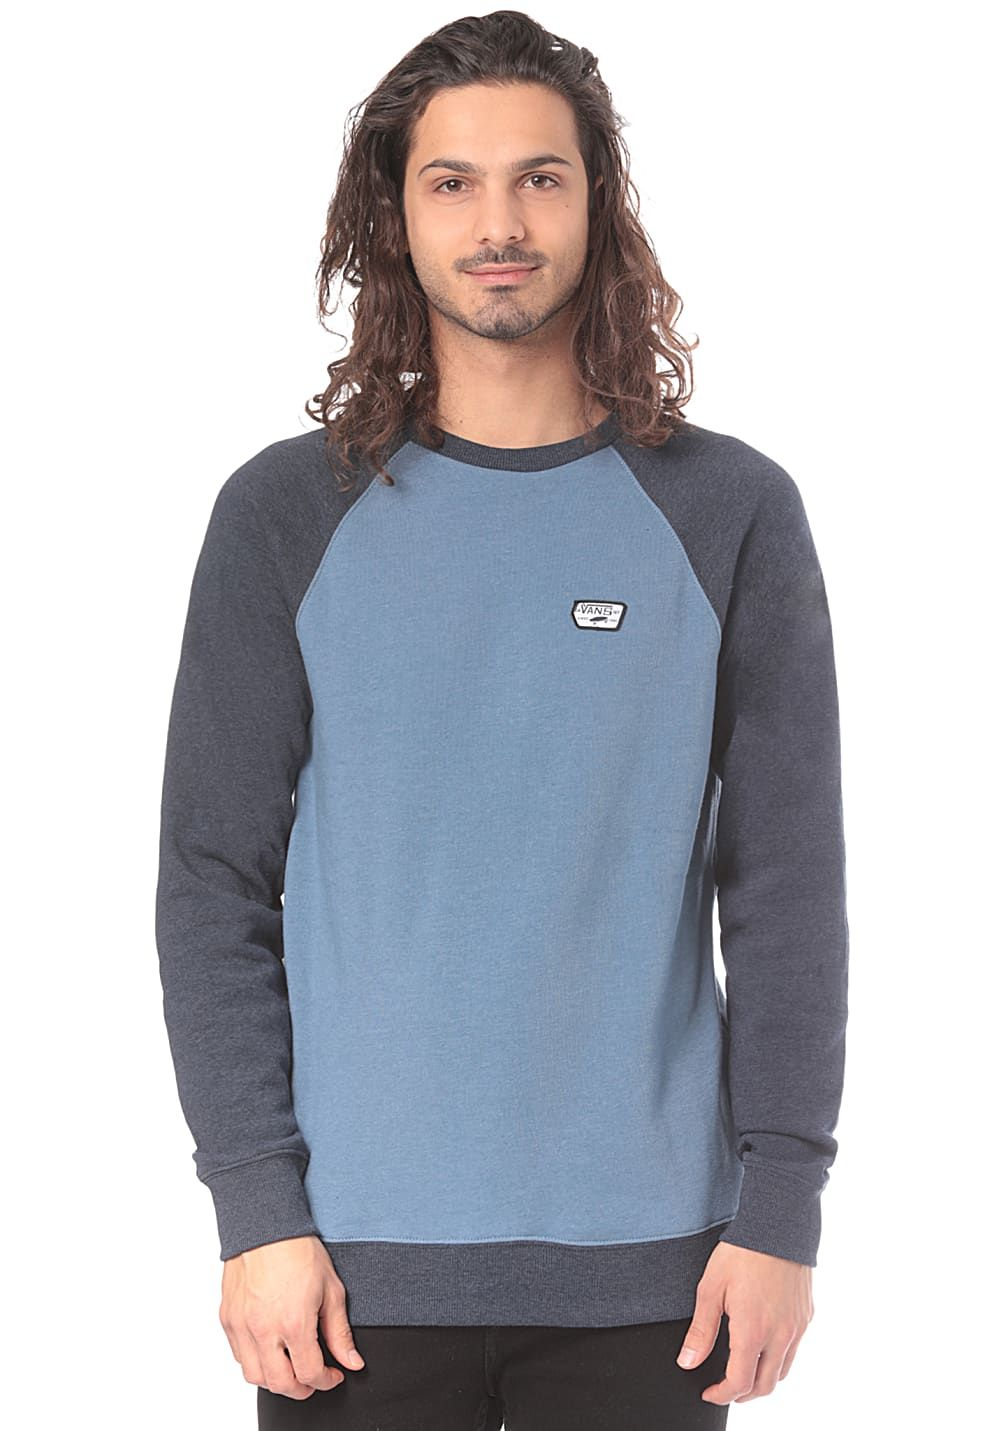 VANS Rutland II Sweatshirt für Herren Blau jetzt